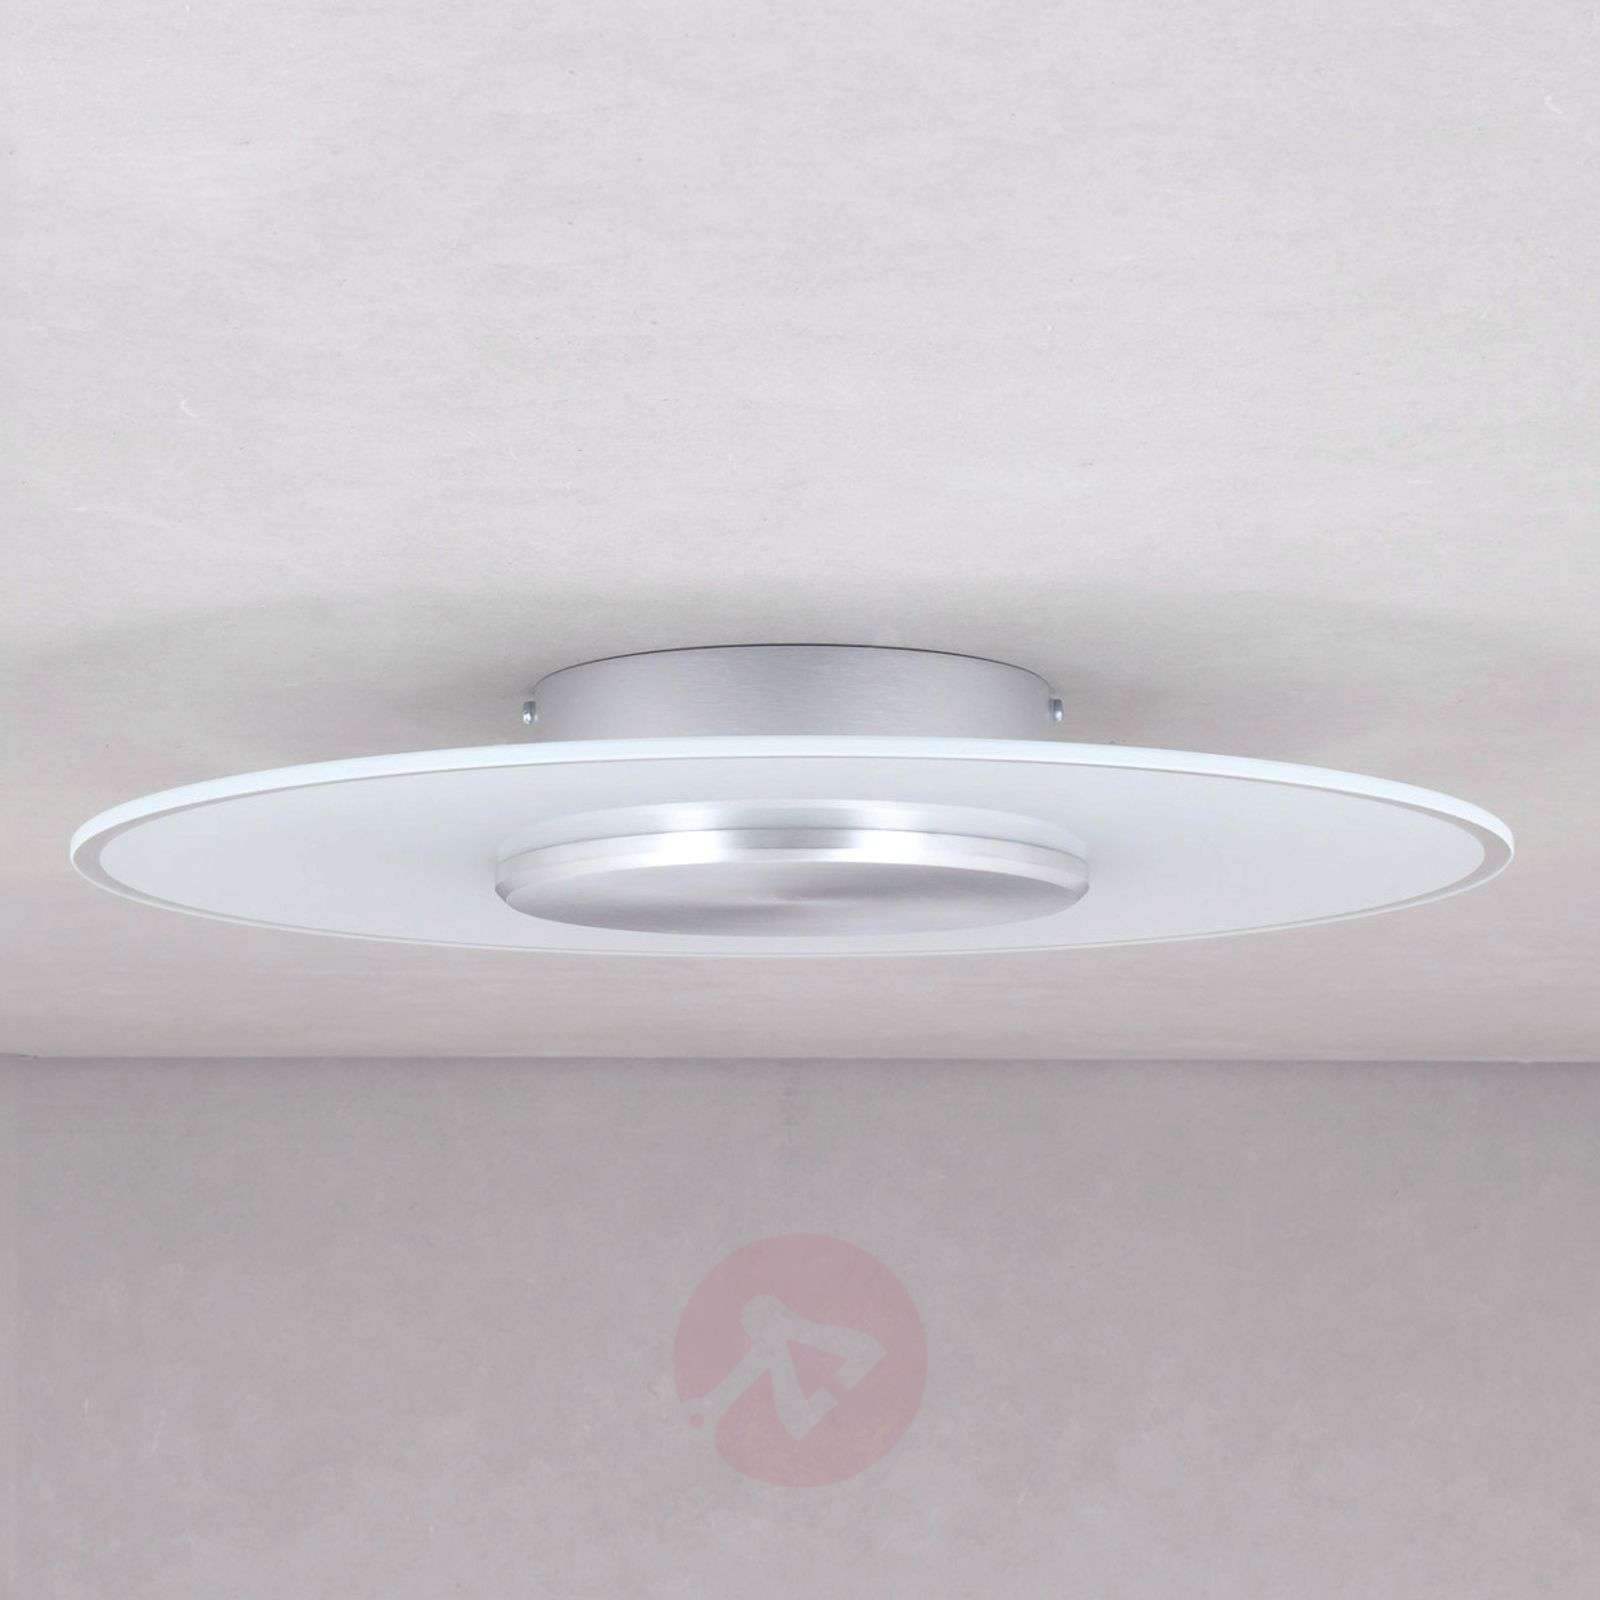 Dora LED-kattovalaisin valmistettu Saksassa-6722148-01